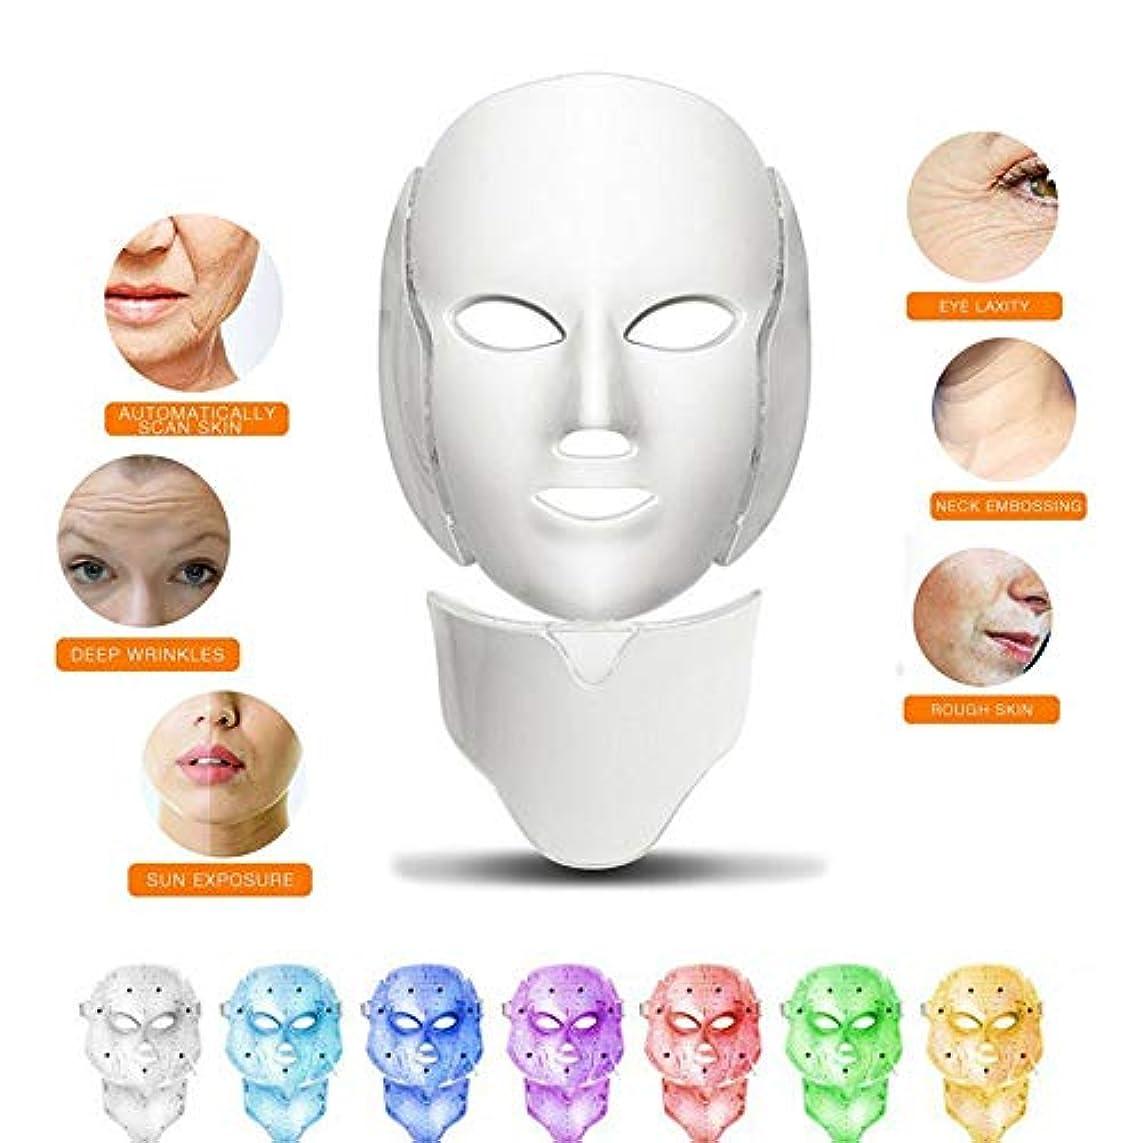 明日示すリーガン赤色光光子療法機7色ledフェイスマスク+首、肌の若返りしわにきび除去フェイシャルスパ美容機器、ホワイト